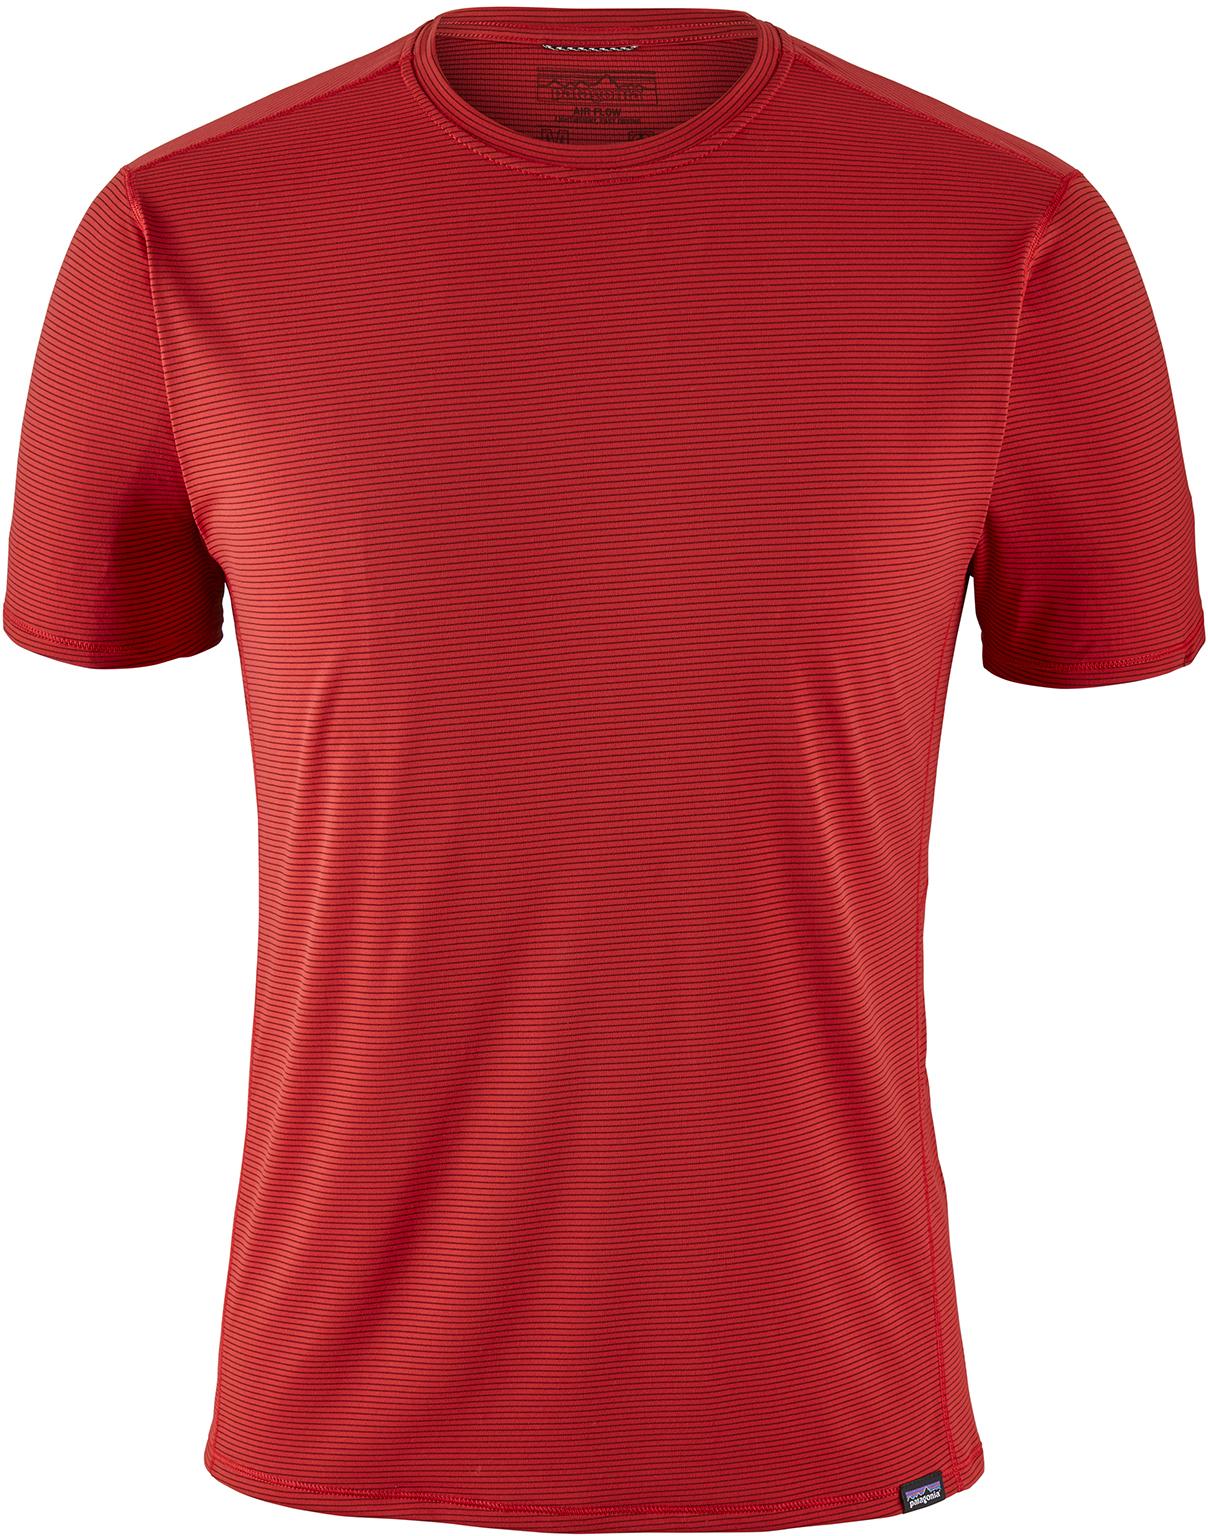 f244db03a76fa Running shirts and tops